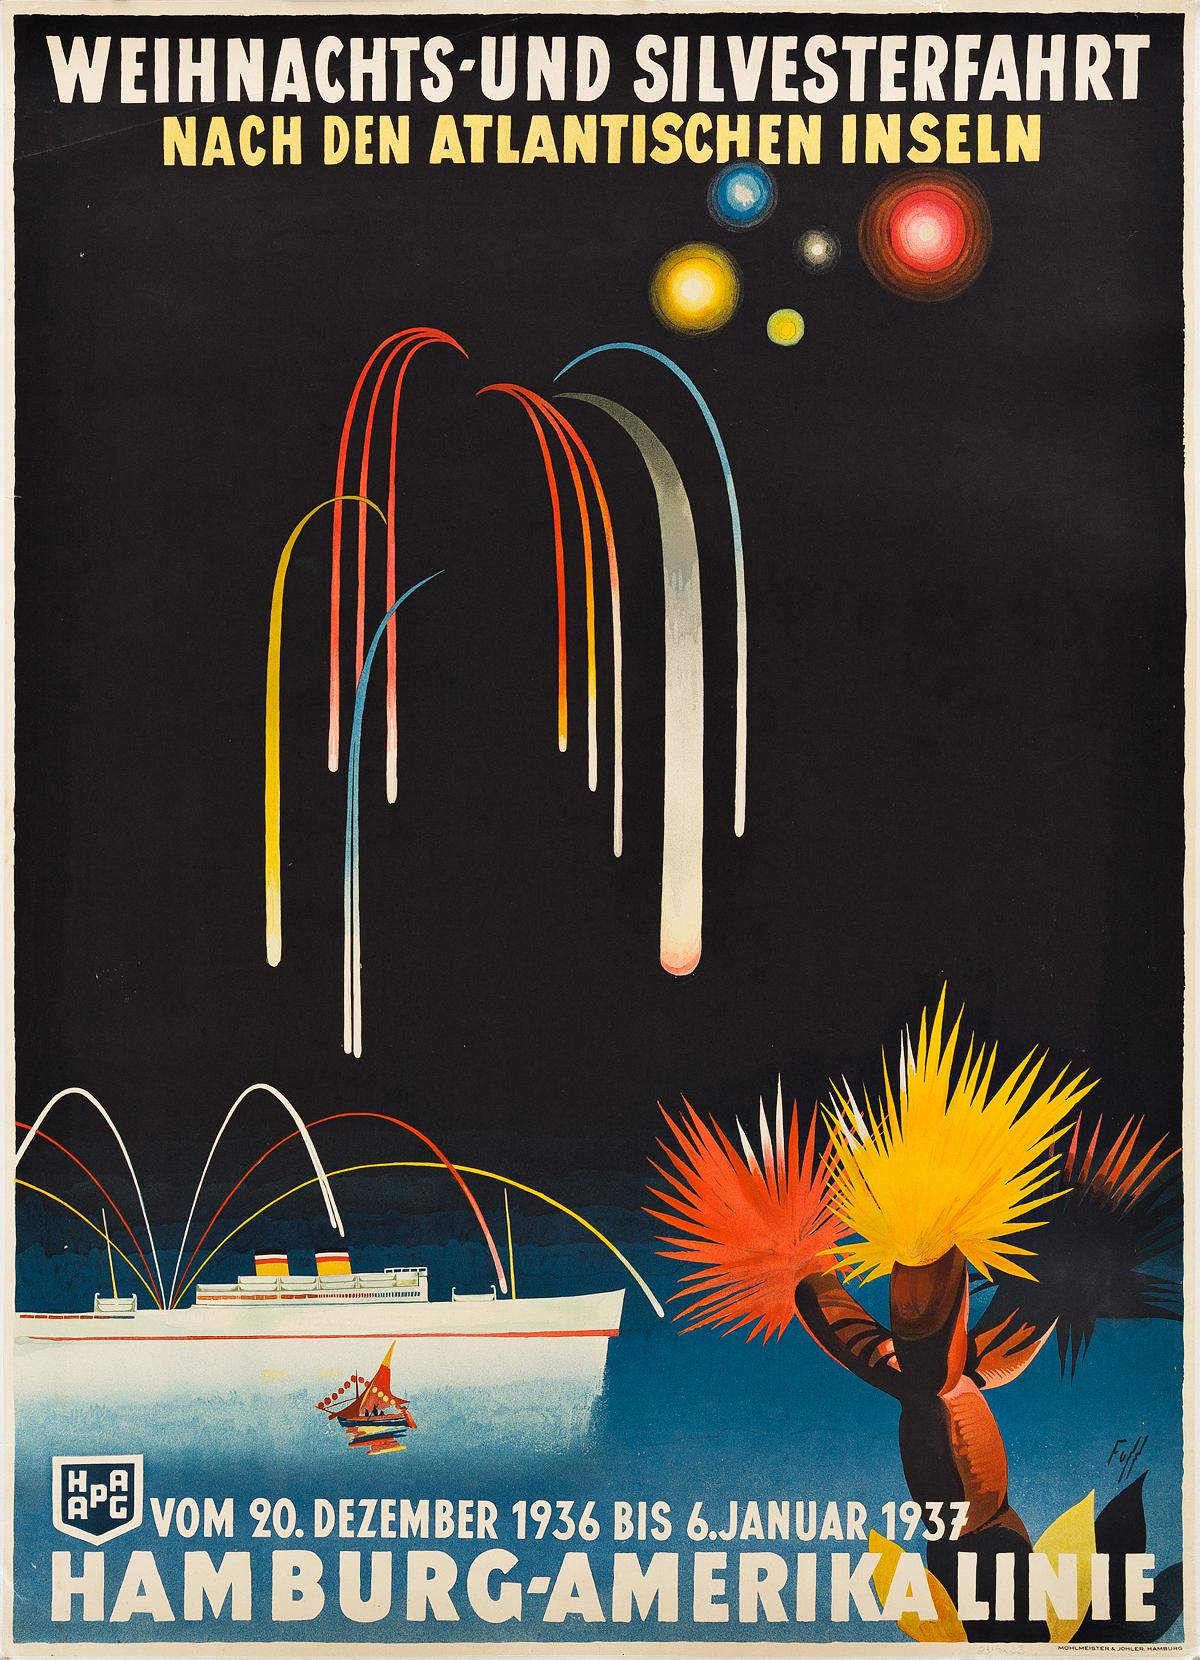 ALBERT-FÜSS-(1898-1969)-HAMBURG---AMERIKA-LINIE-1936-33x23-i